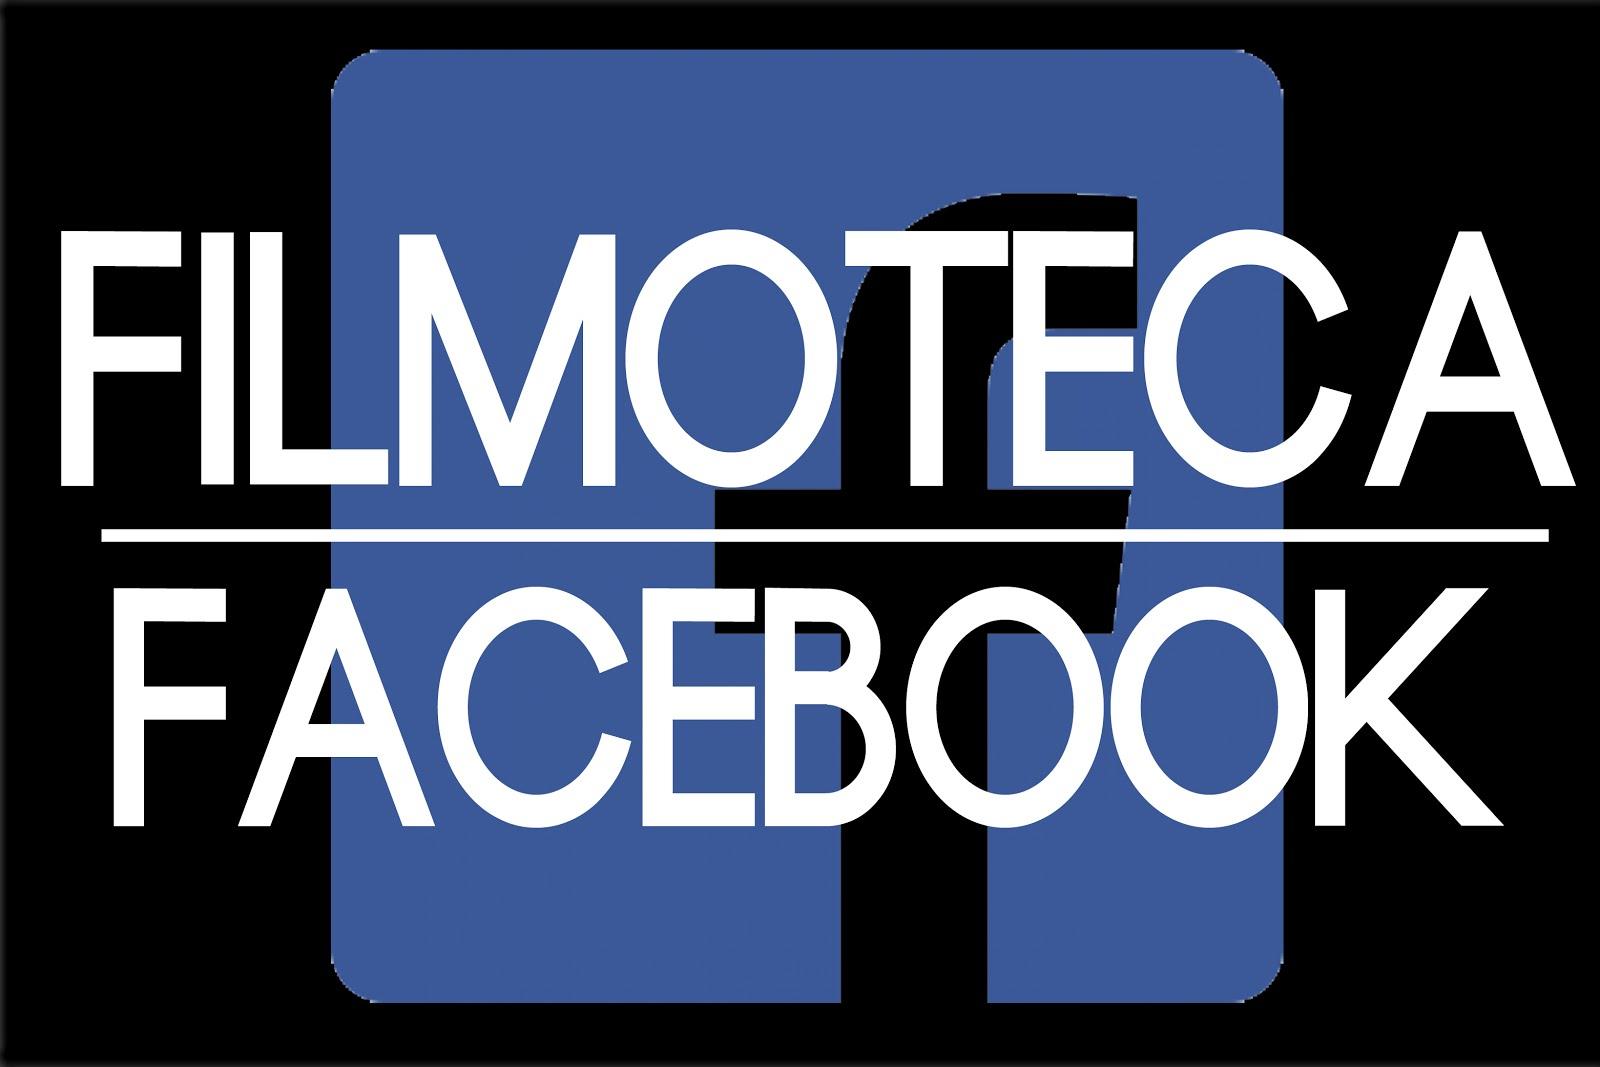 Facebook de la Filmoteca